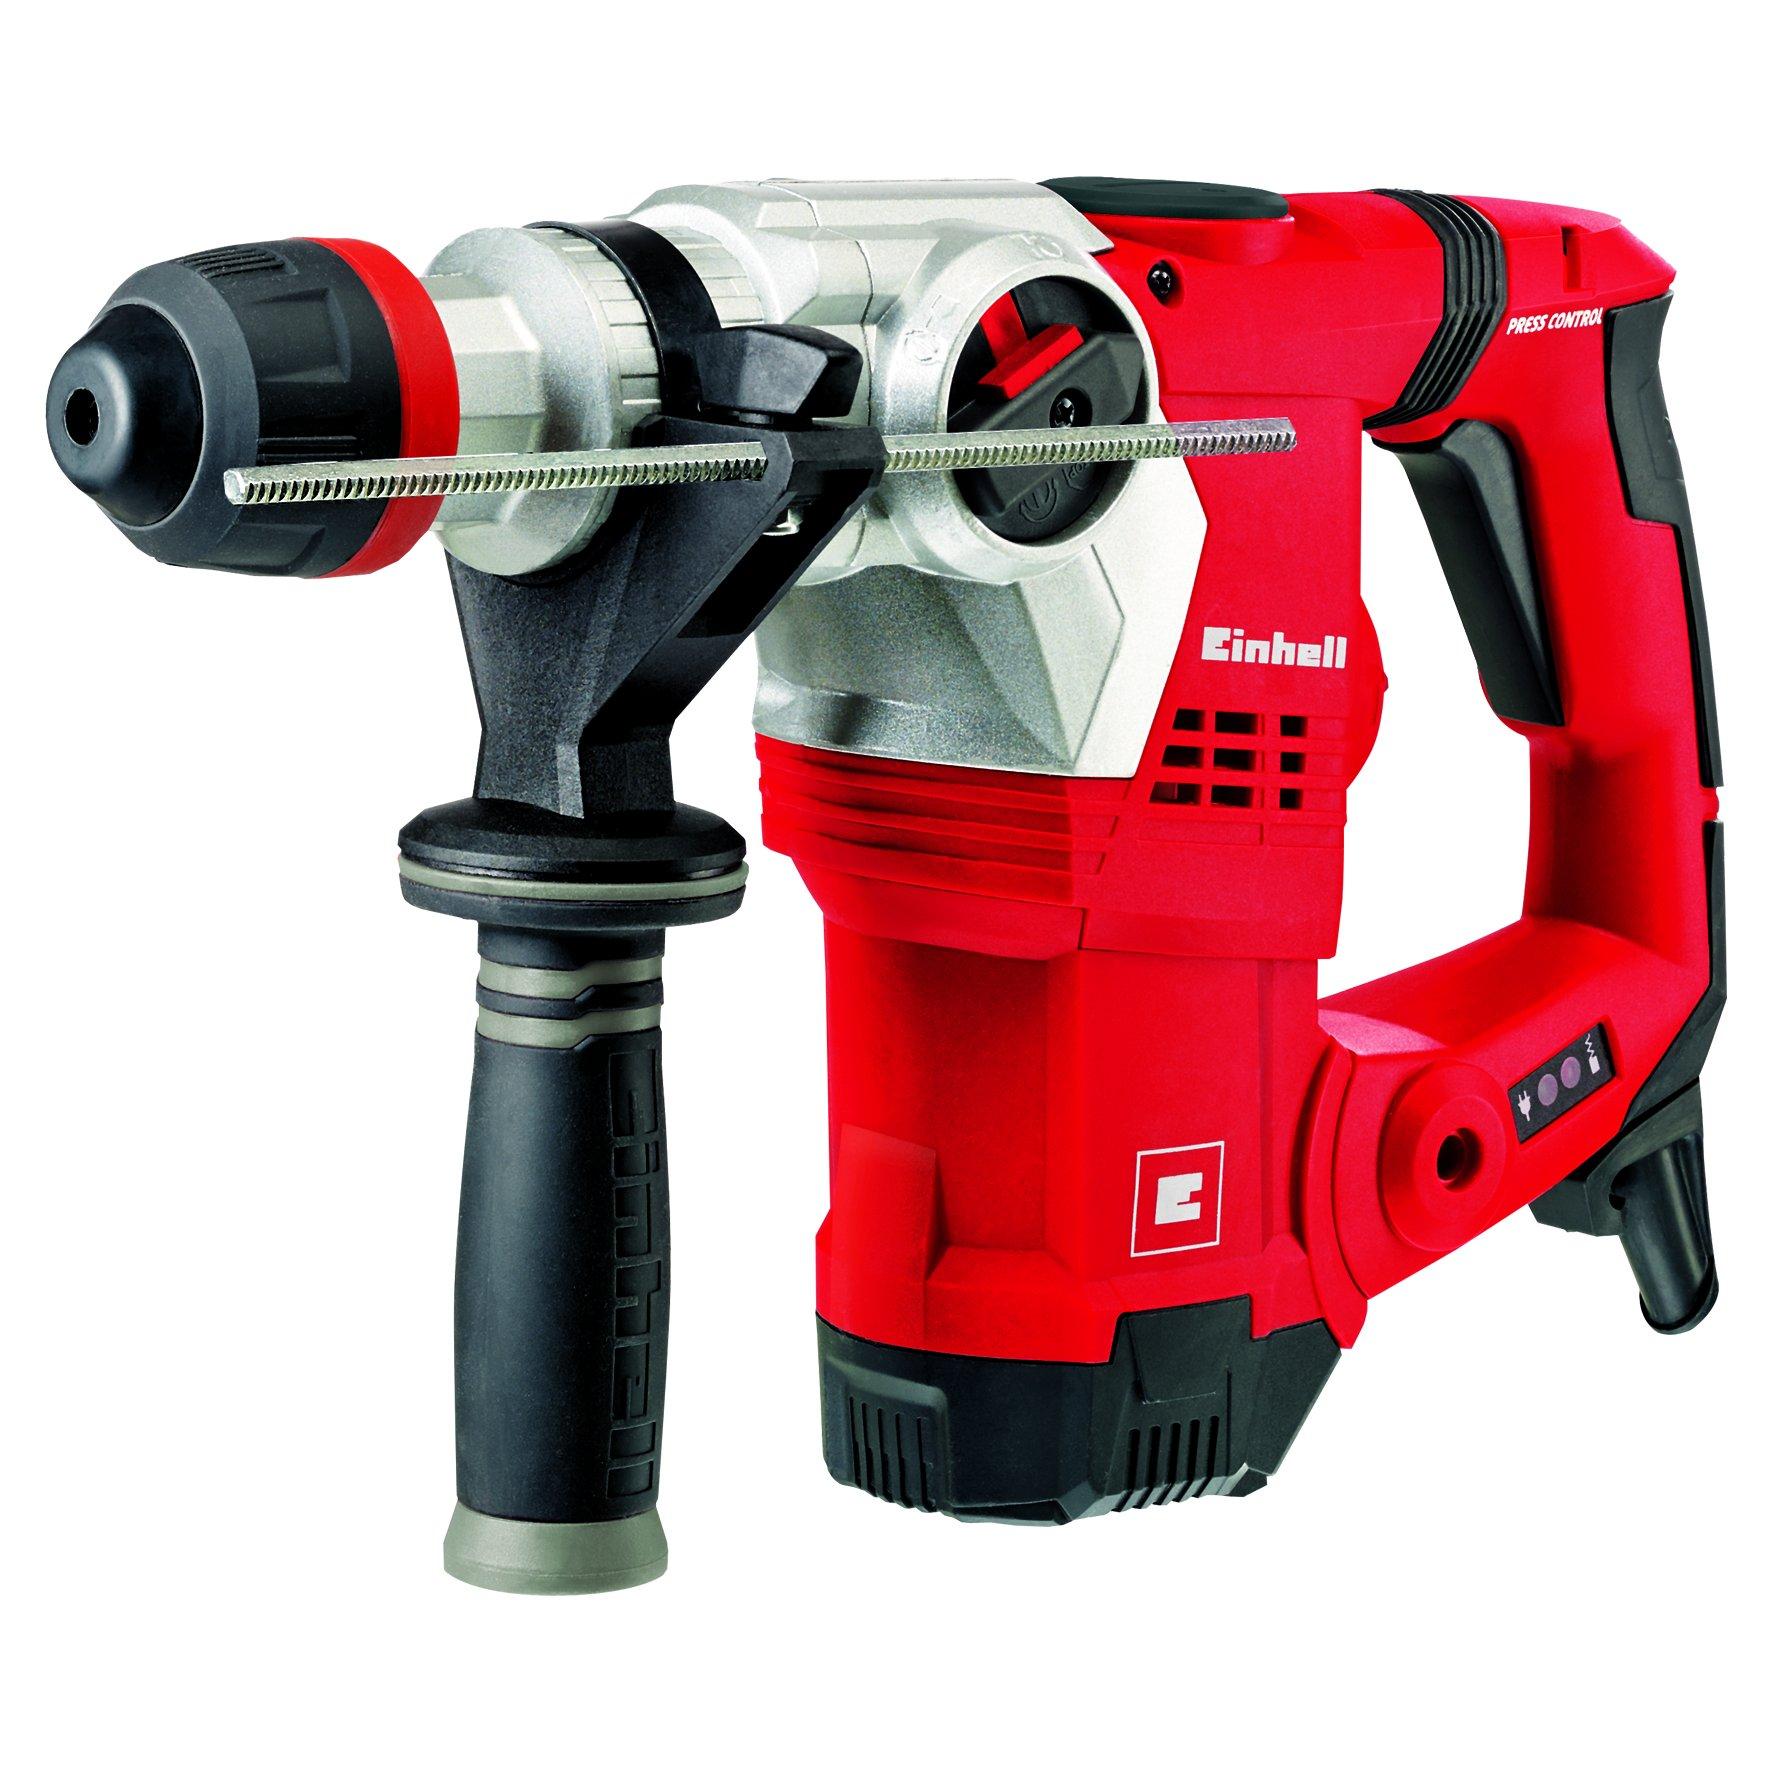 Einhell Bohrhammer TE-RH 32 E (1250 W, 5 J, Bohrleistung Ø 32 mm, SDS-Plus-Aufnahme, Metall-Tiefenanschlag, Vibrationsdämpfung mit Andruckanzeige, Koffer) Virtual Bundle